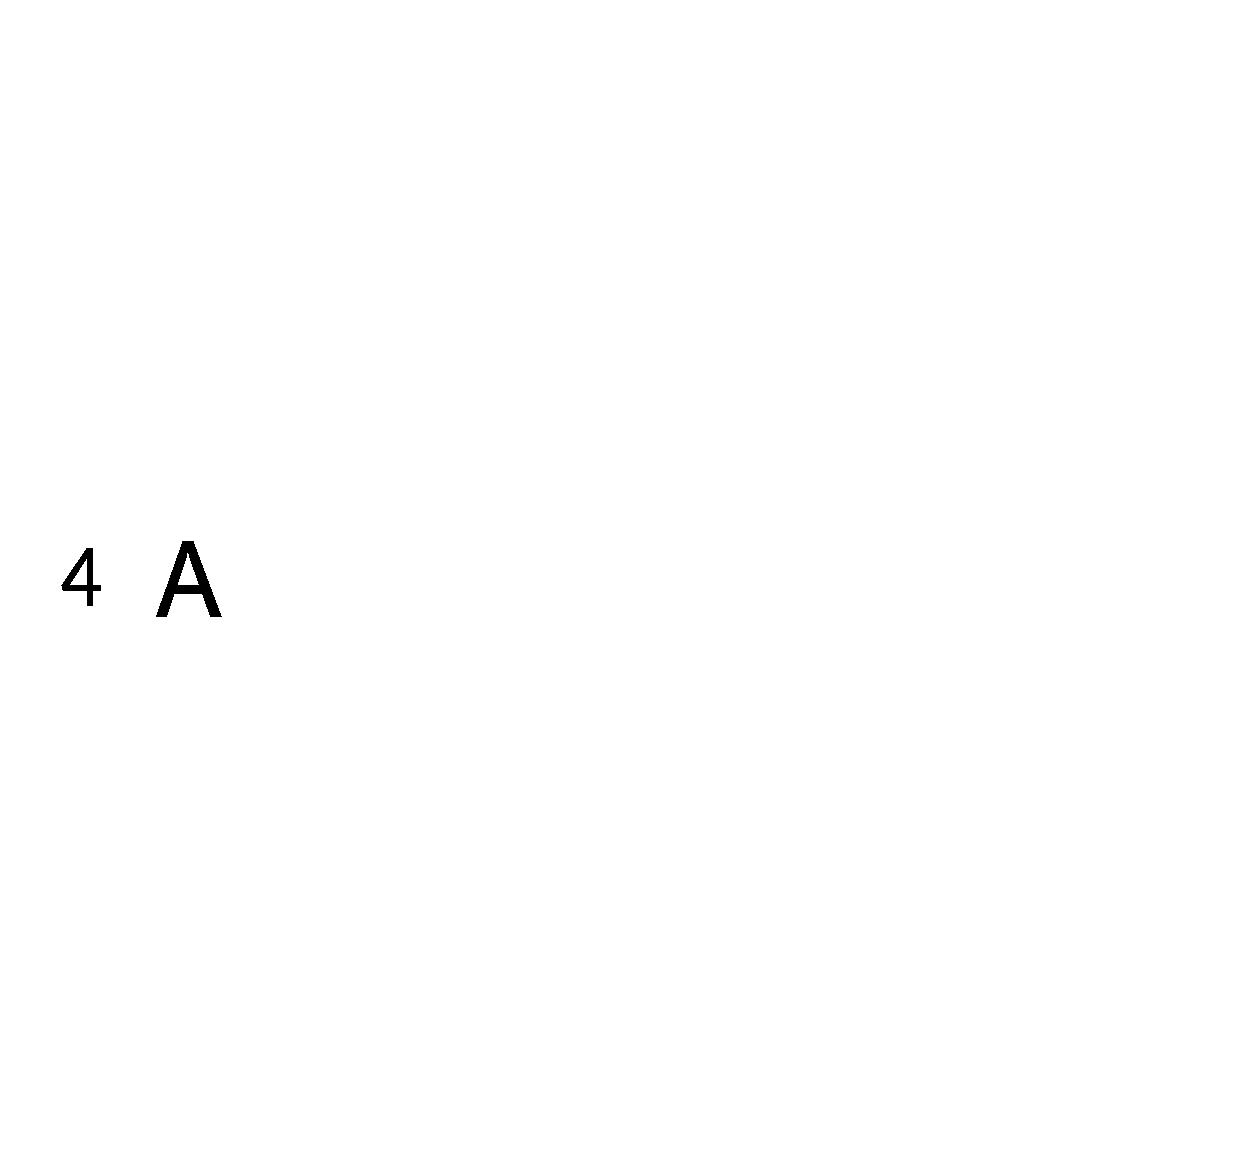 Caratteri ritagliati h4cm